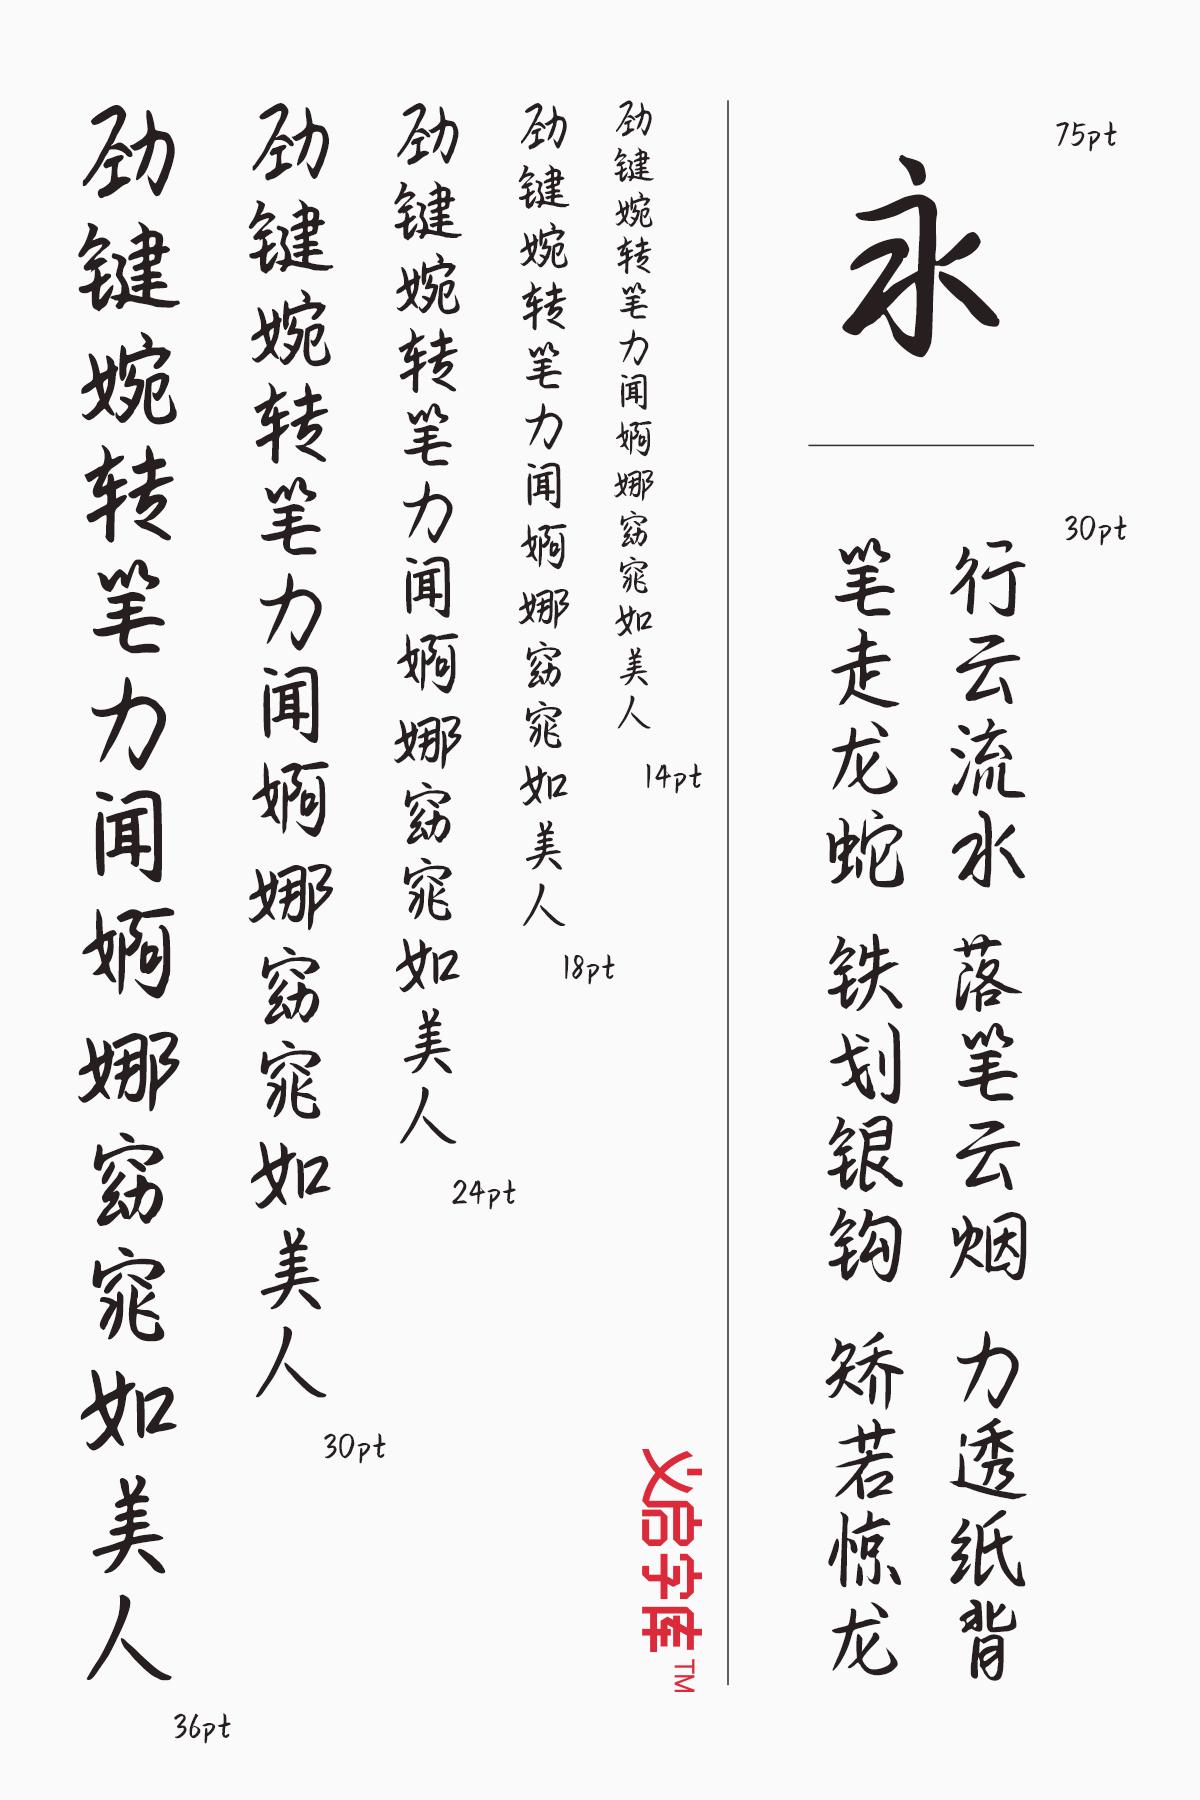 """义启恋上桃花源——灵魂深处的""""桃花源"""""""